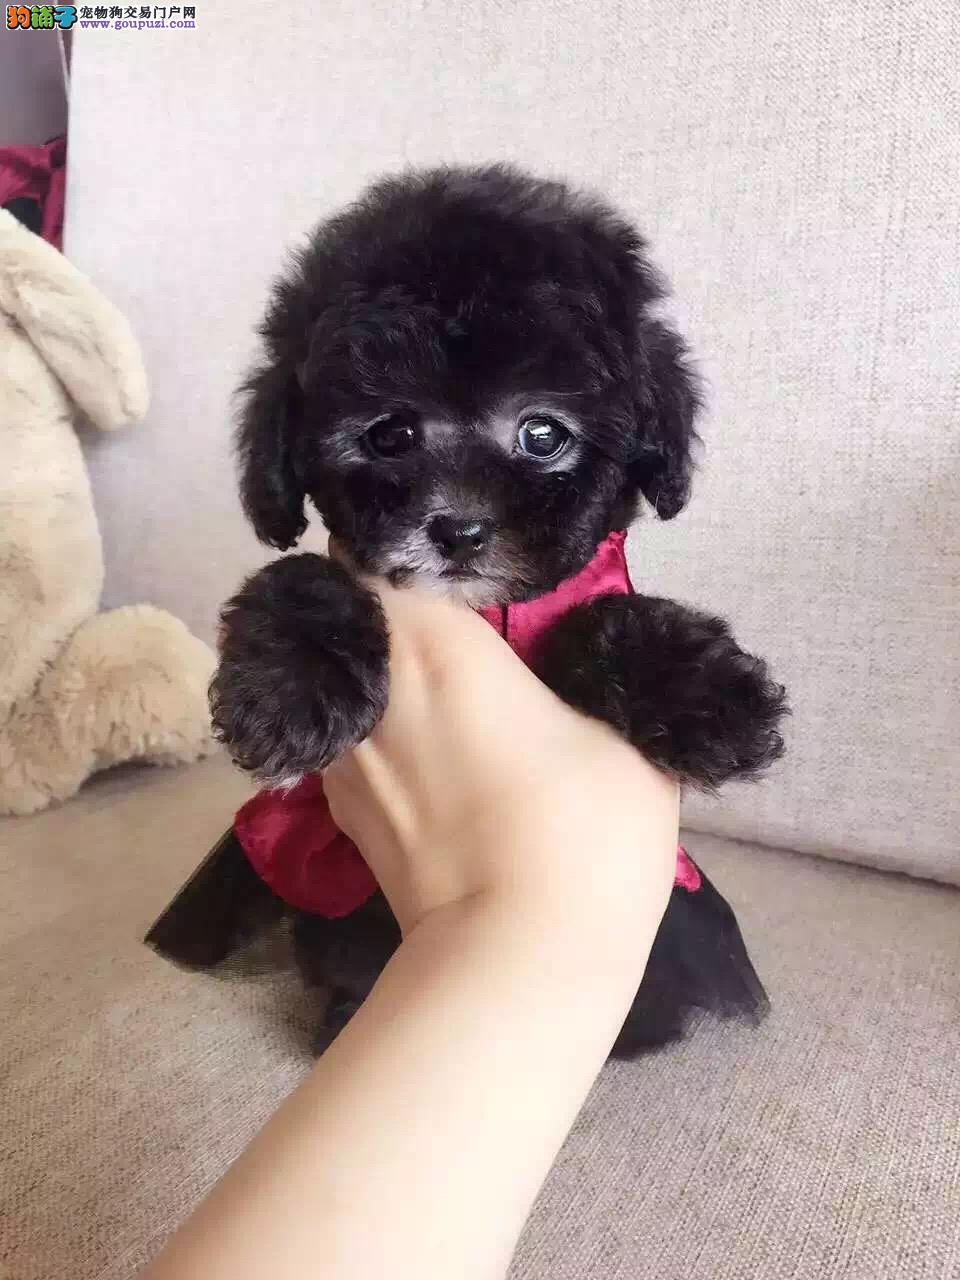 正规犬舍出售 纯种泰迪熊,超萌可爱 签纯种健康协议